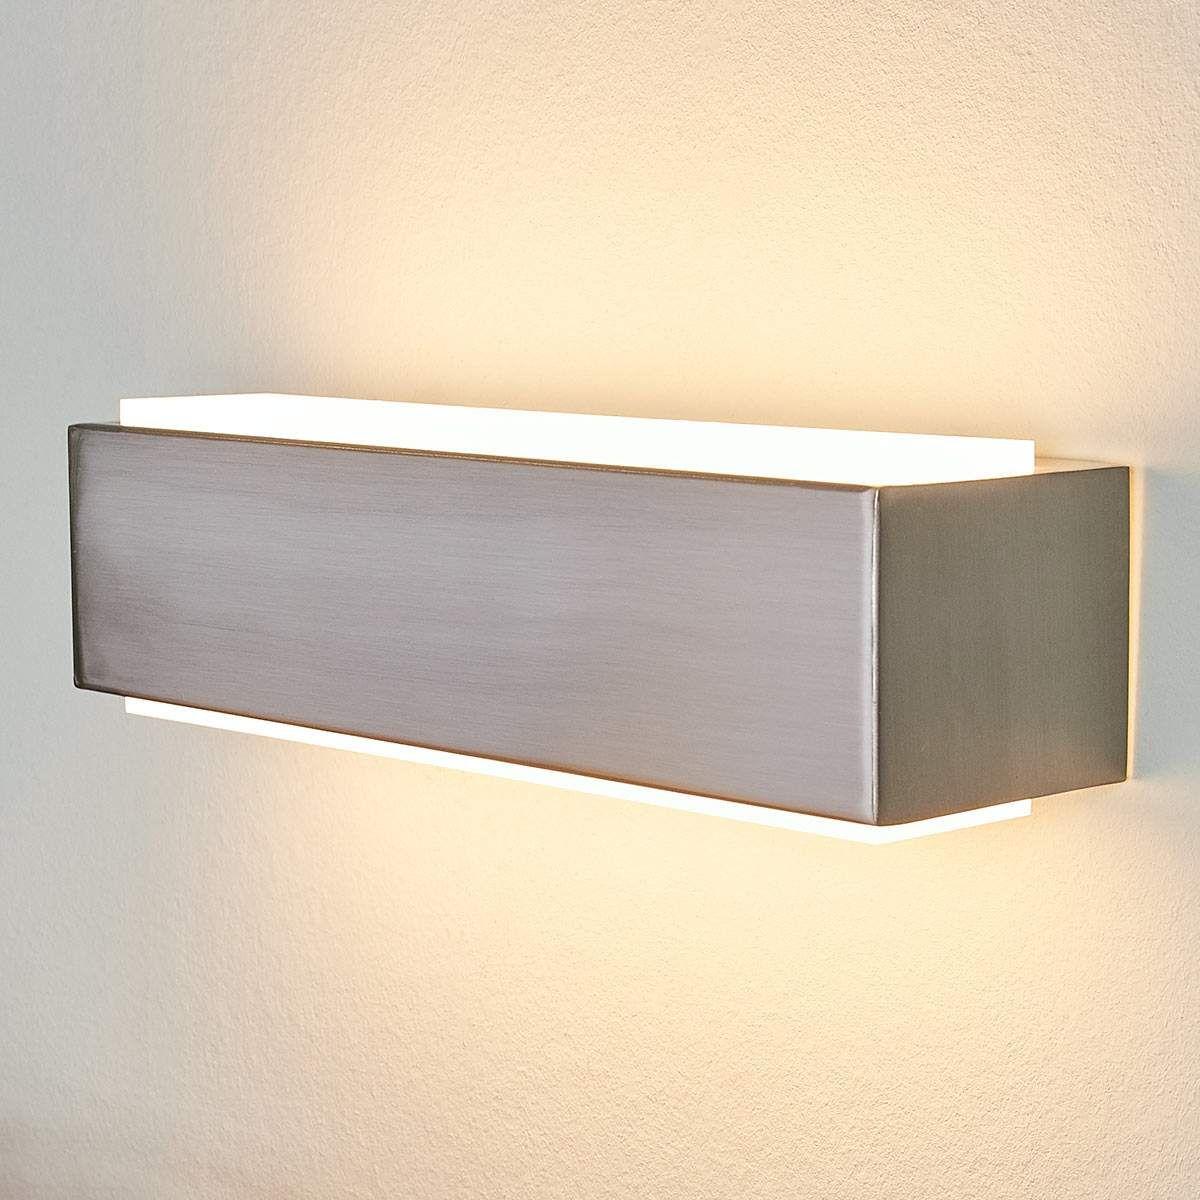 Wandleuchte Weiss Landhaus Gunstige Wandlampen Wandleuchten Wohnzimmer Modern Led Wandleuchte Mit Schalter Wand Wandleuchte Wandlampen Beleuchtungsideen